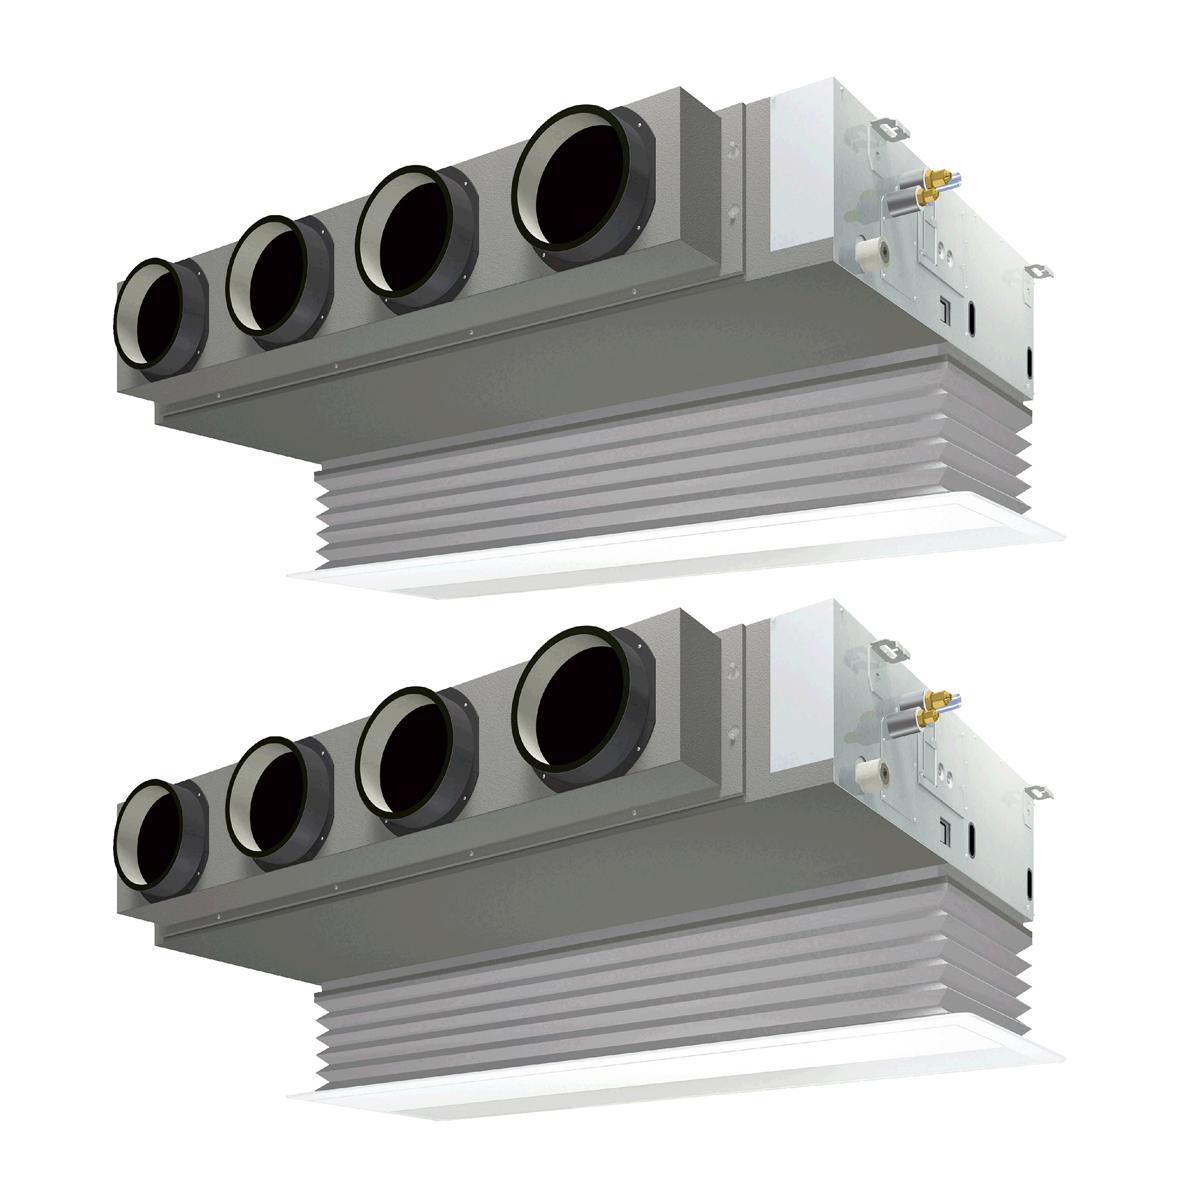 ###ダイキン 業務用エアコン【SZZB280CJD】[分岐管セット]フレッシュホワイト 天井埋込カセット形 ツイン同時 10馬力 ワイヤード 三相200V Eco ZEAS